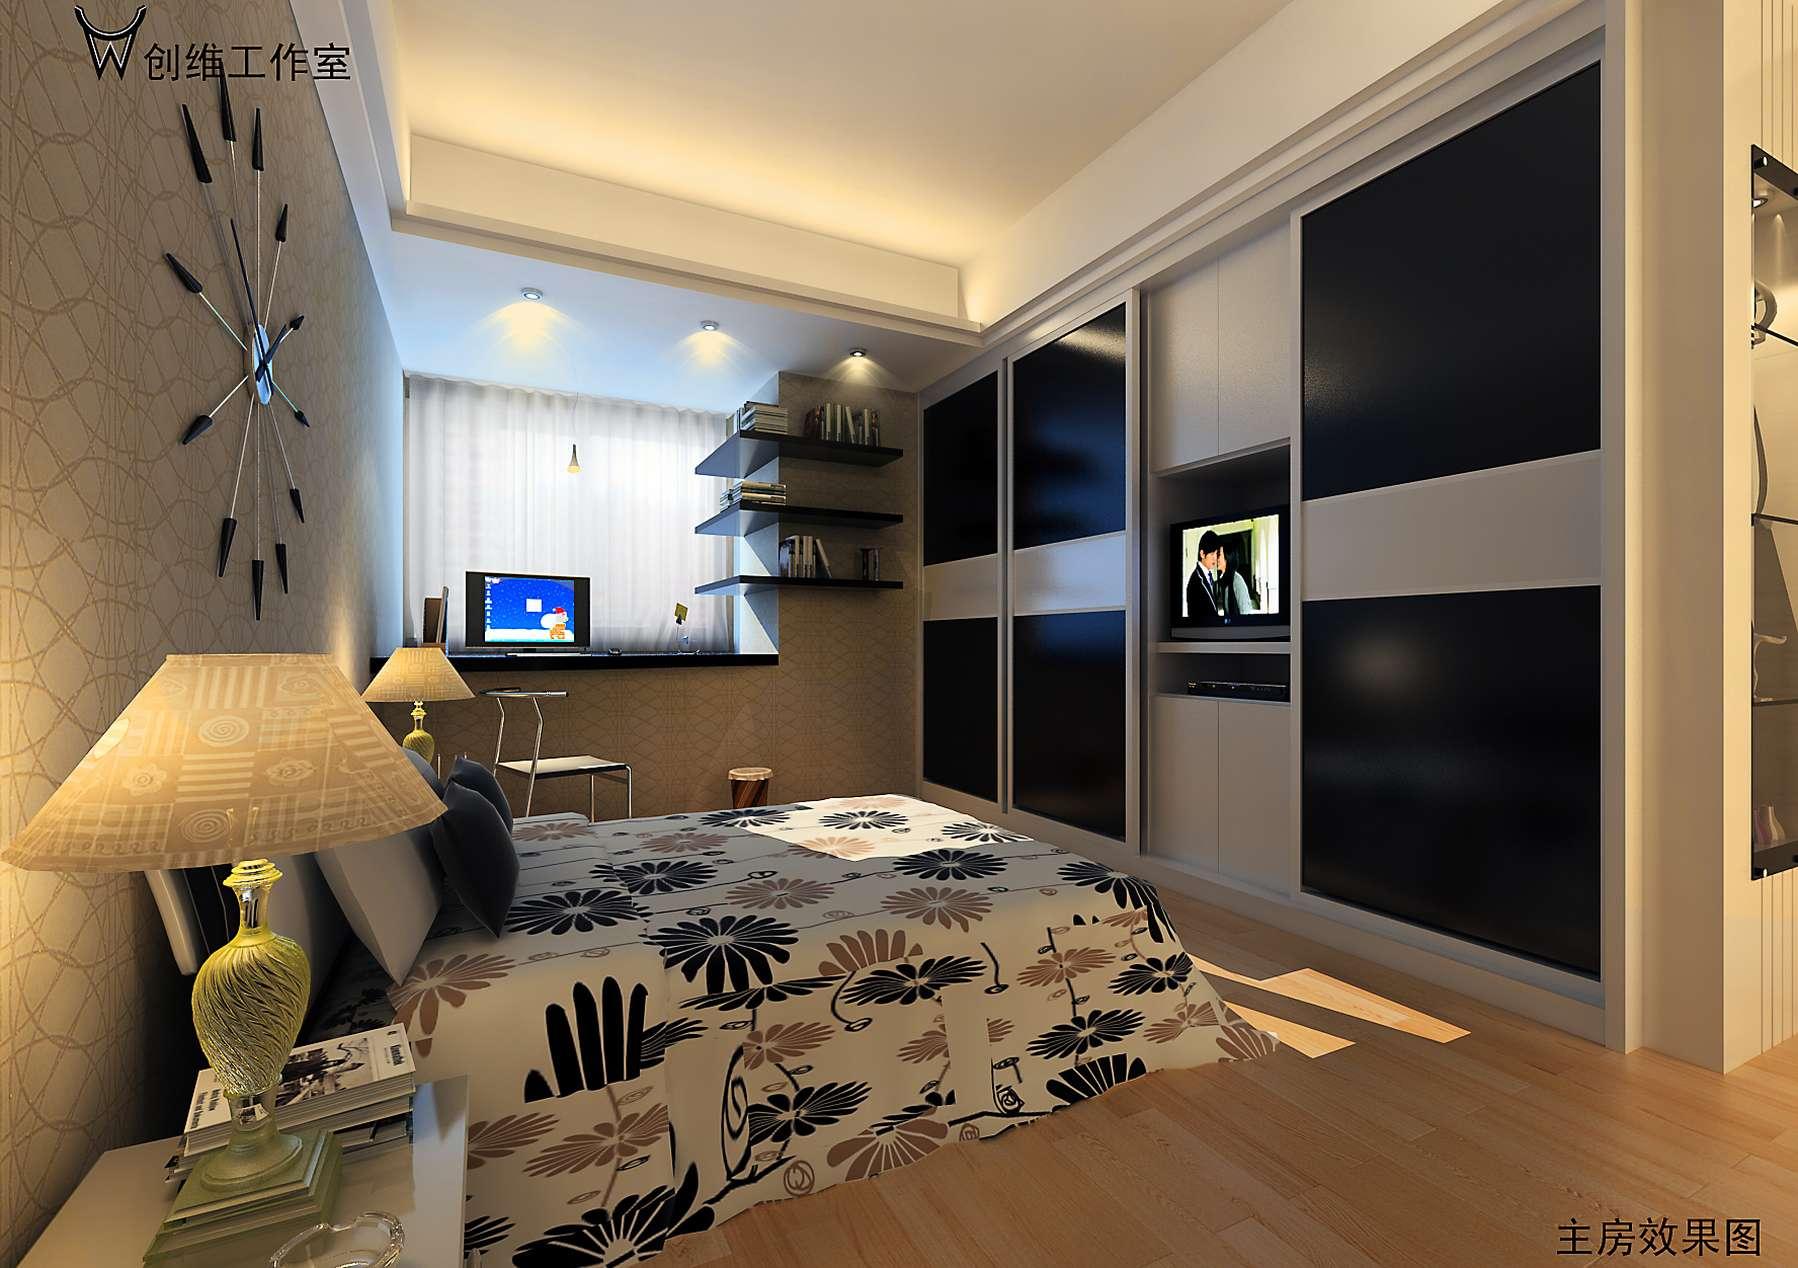 120平米装修效果图设计-两室两厅_1100元_k68威客任务